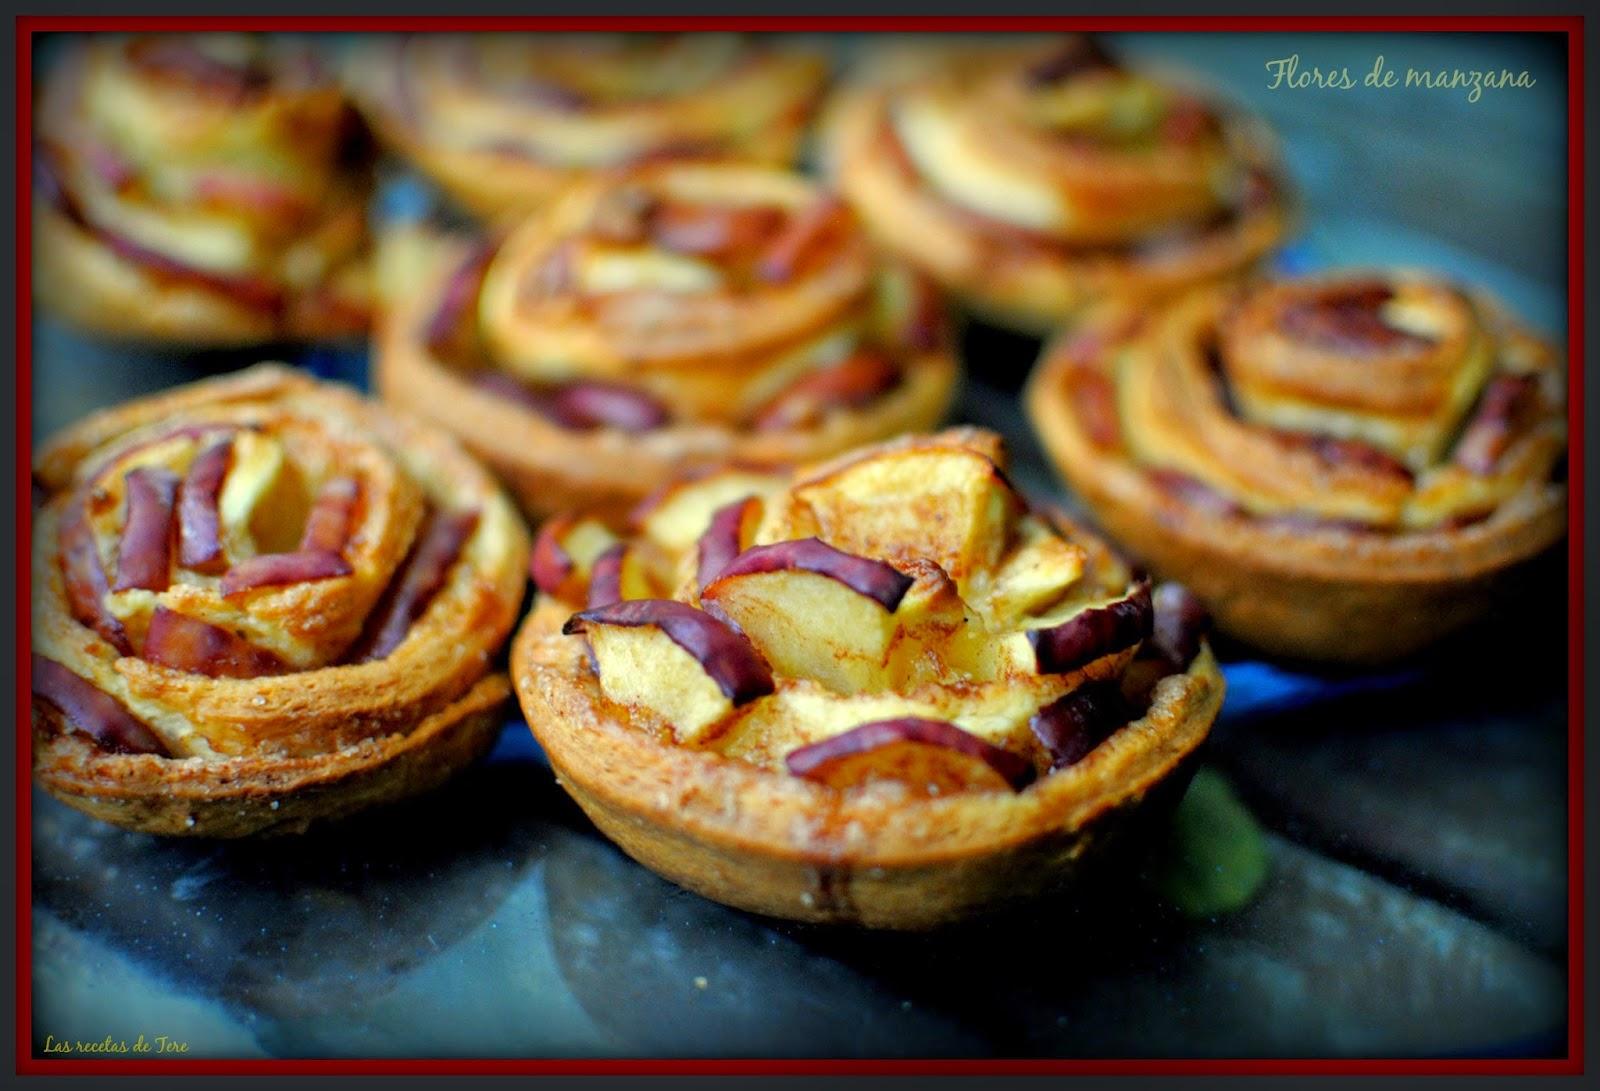 flores de manzana las recetas de tere 06